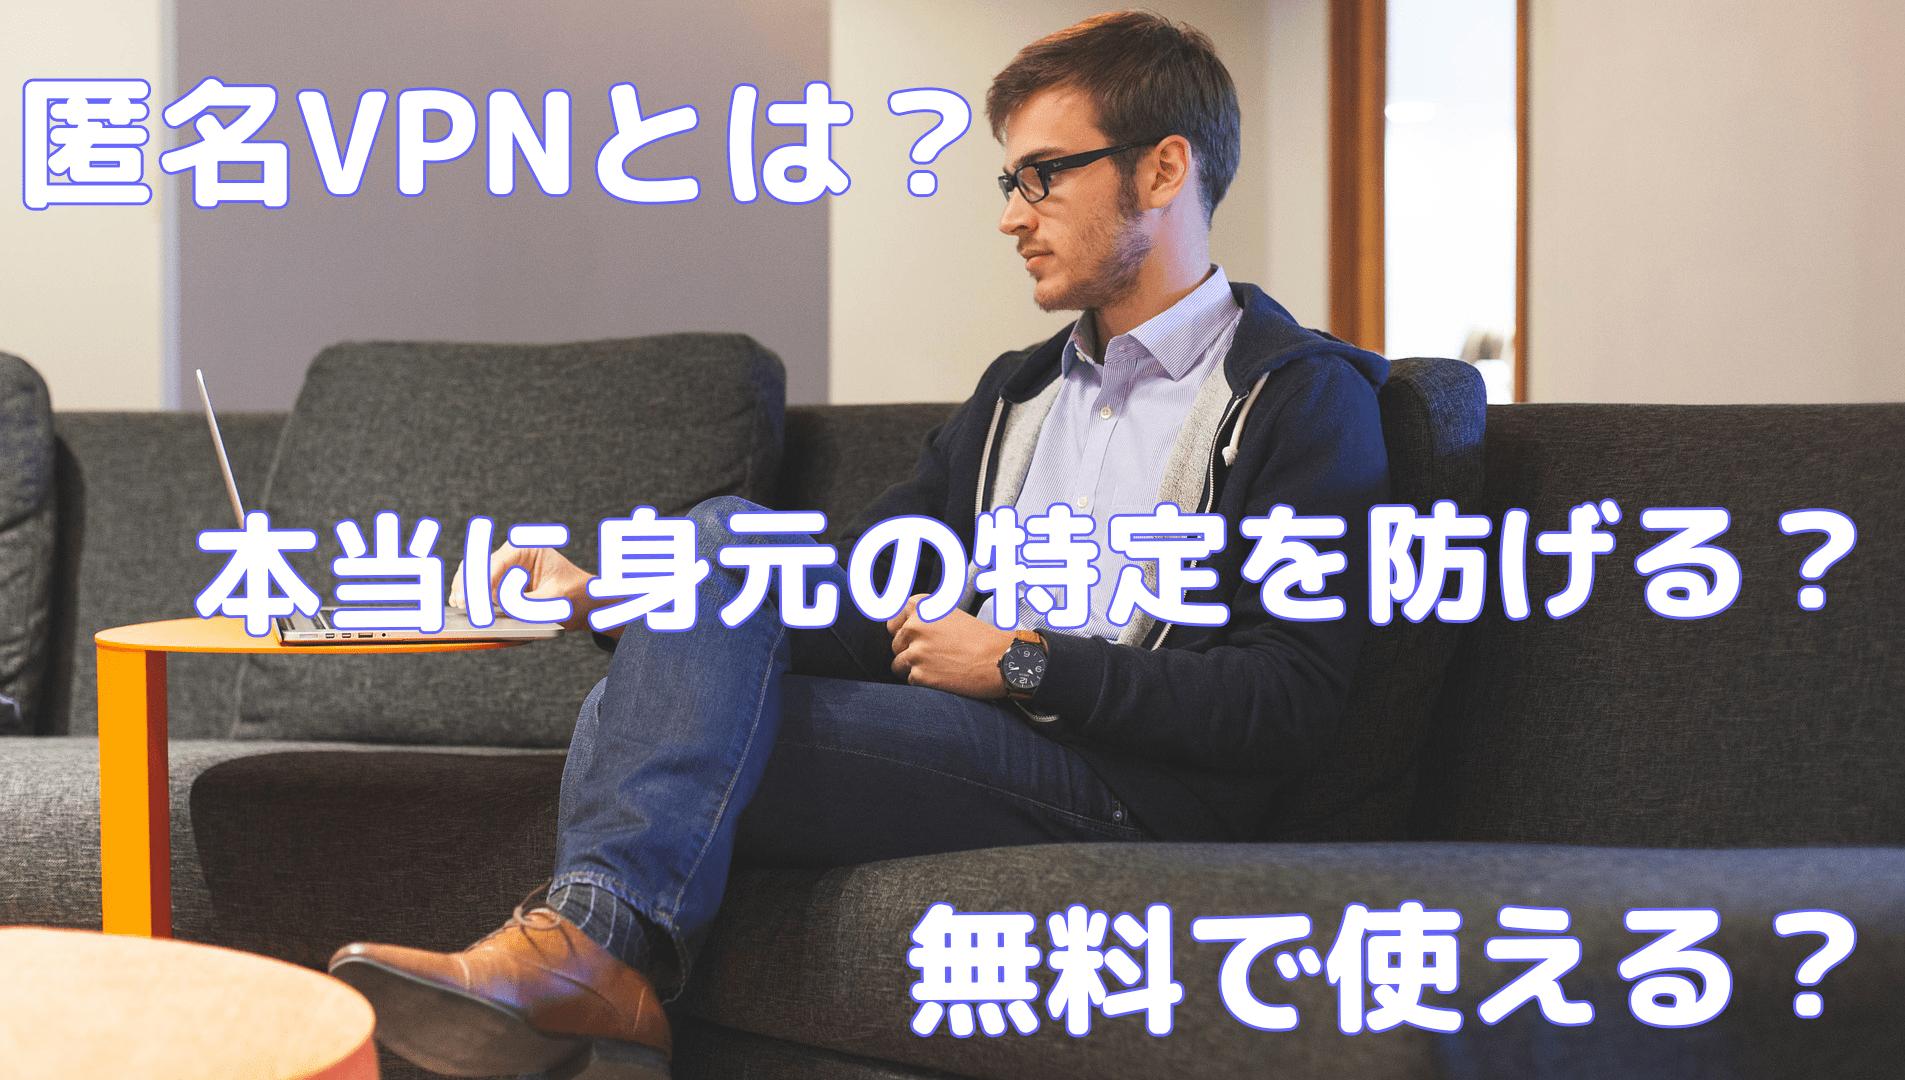 【初心者向け解説】匿名VPNとは?何ができるの?メリットとデメリットを日本一分かりやすく解説します